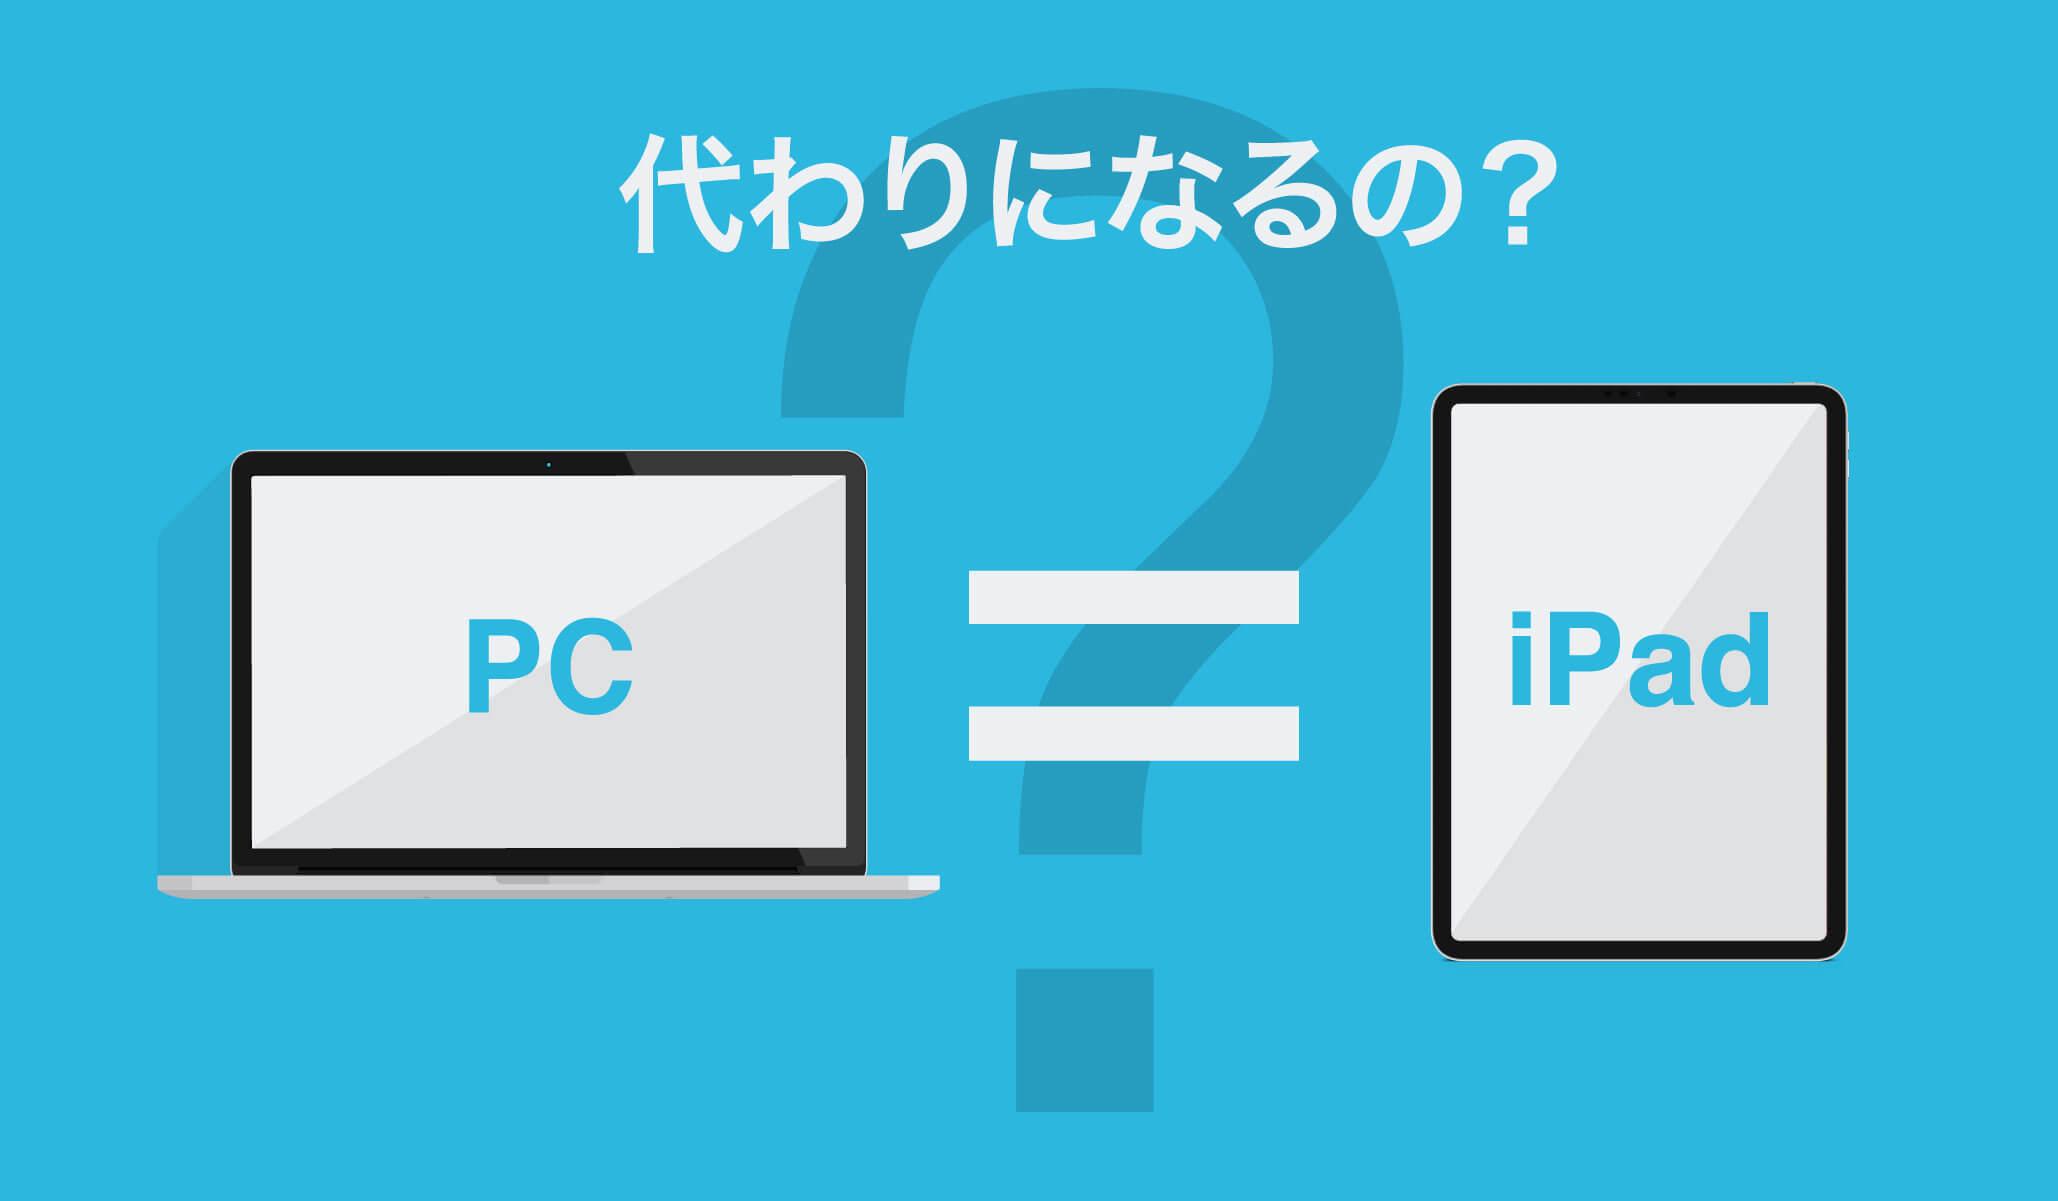 iPadはパソコンの代わりになるのか